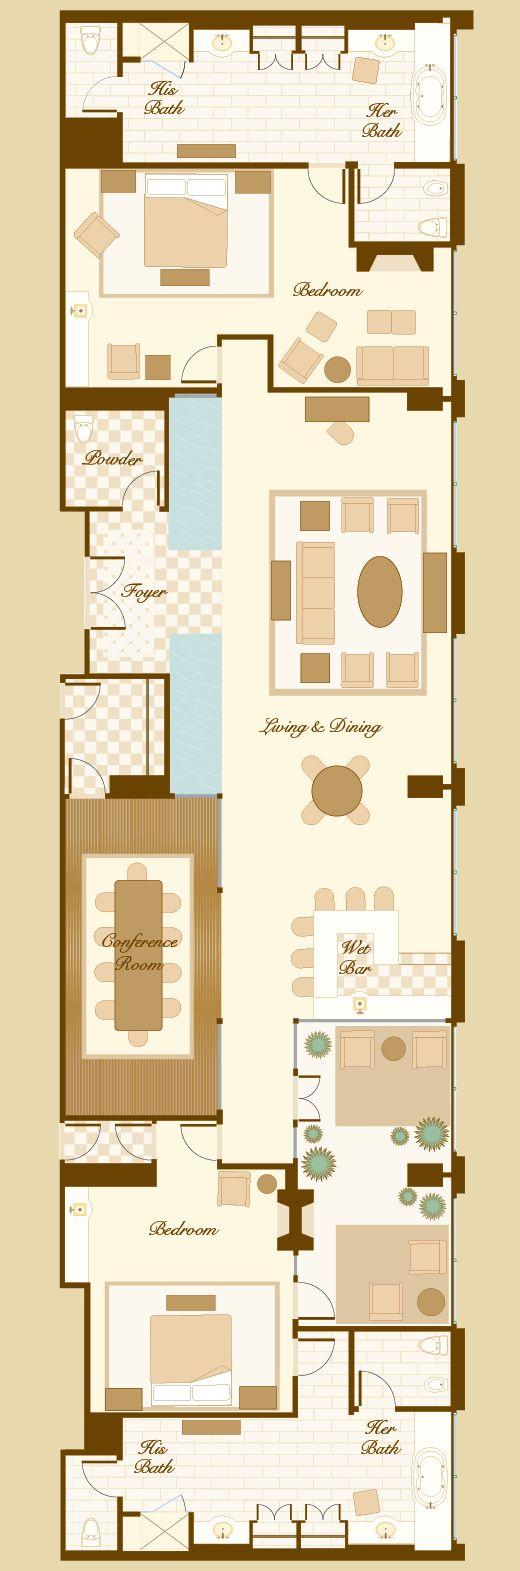 Suite Las Vegas Suites Del Bellagio Hotel Plan Penthouse For Sale Las Vegas Suites